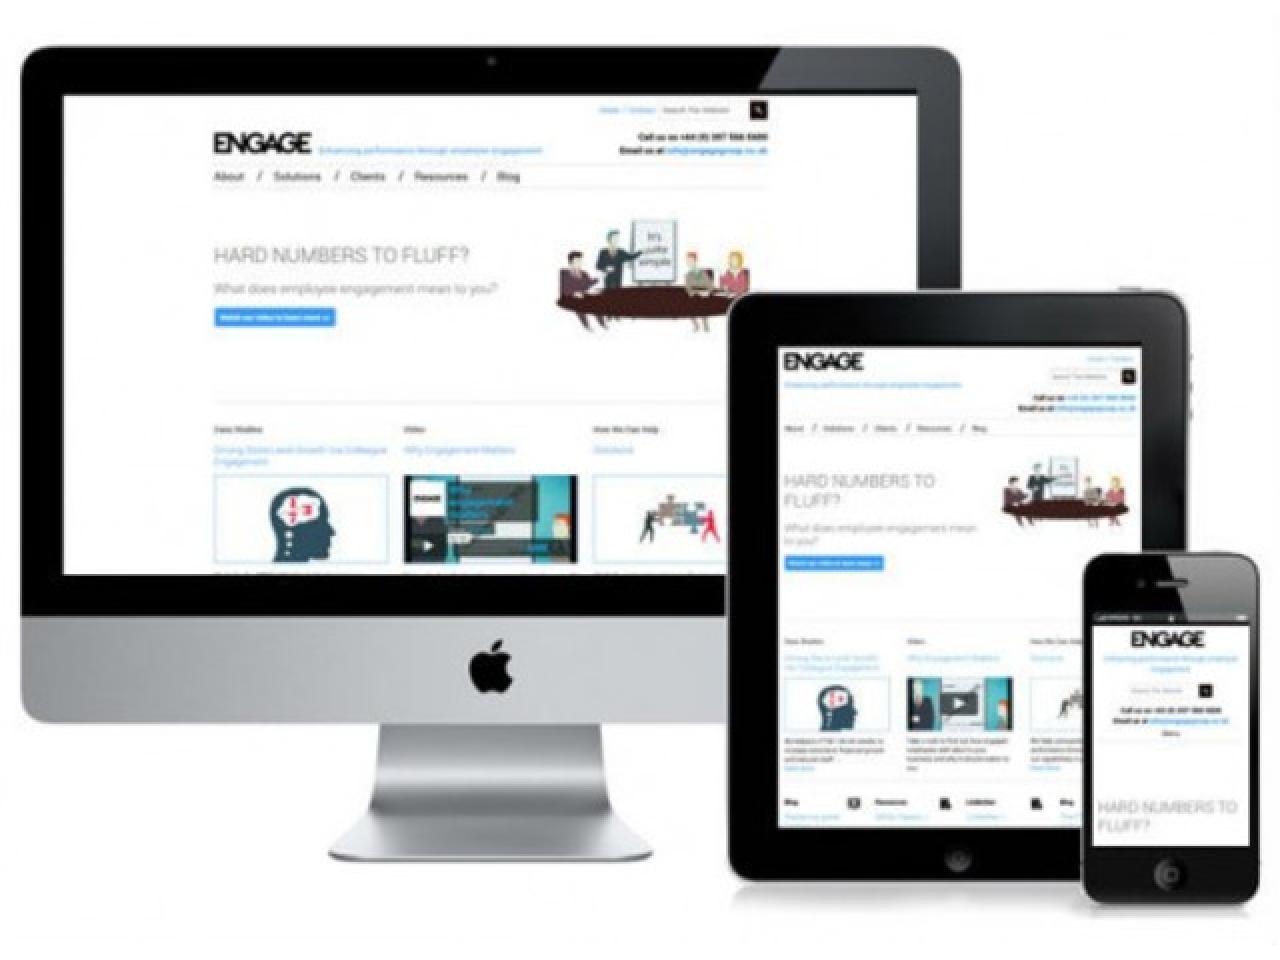 Создание веб сайтов, интернет магазинов и продвижение в интернет - 1